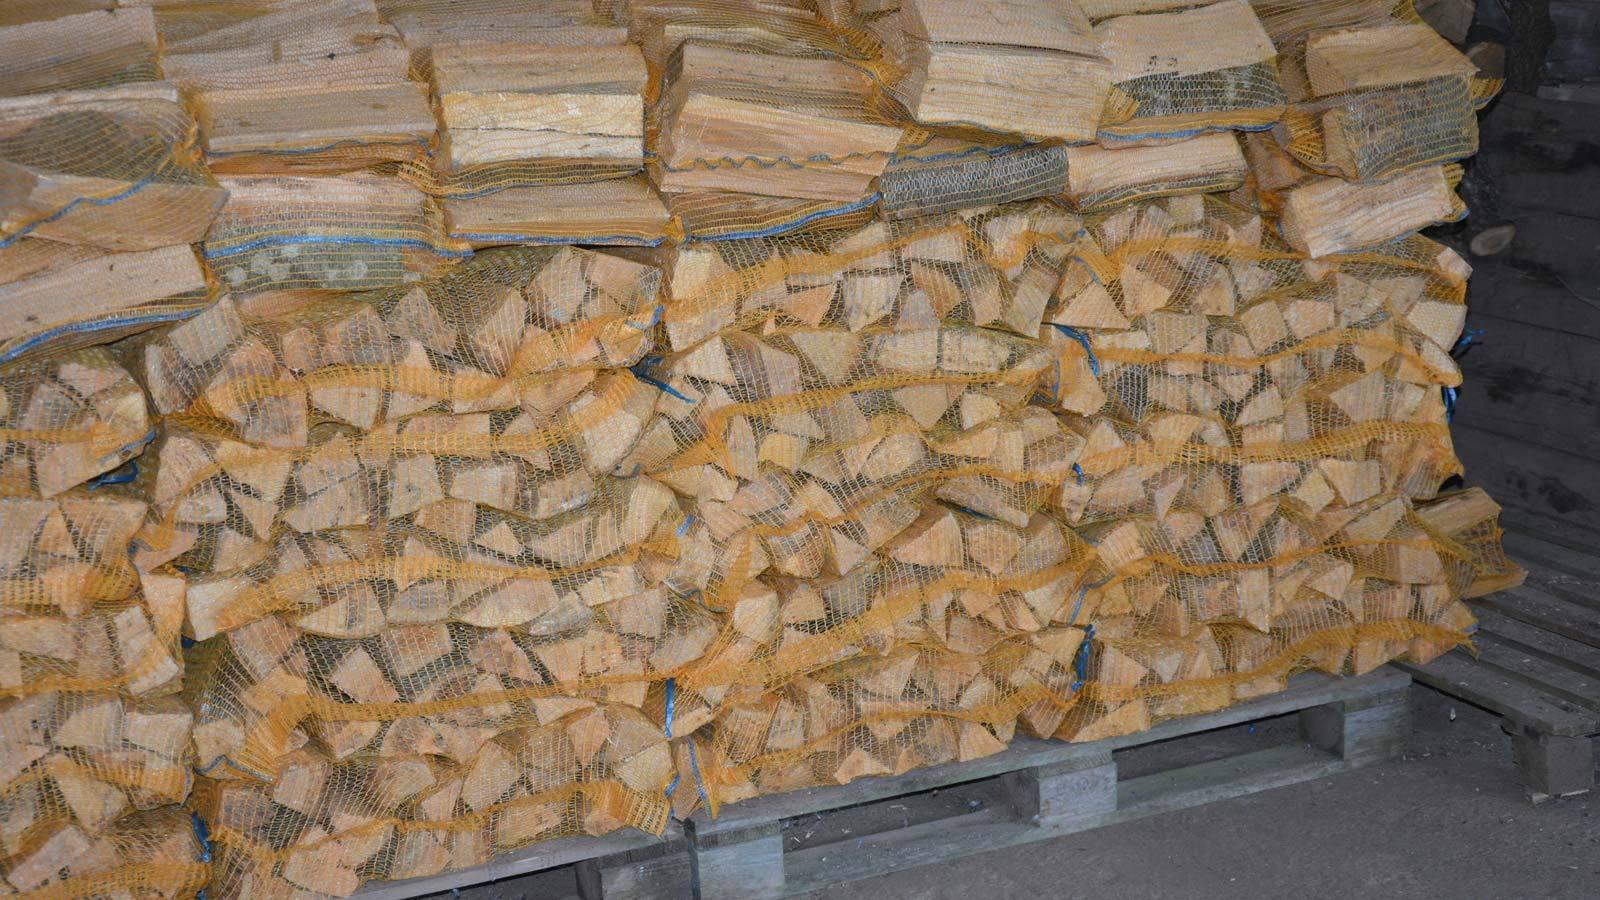 Galerie bois de chauffage la chapelle la reine vincent - Buchette de bois ...